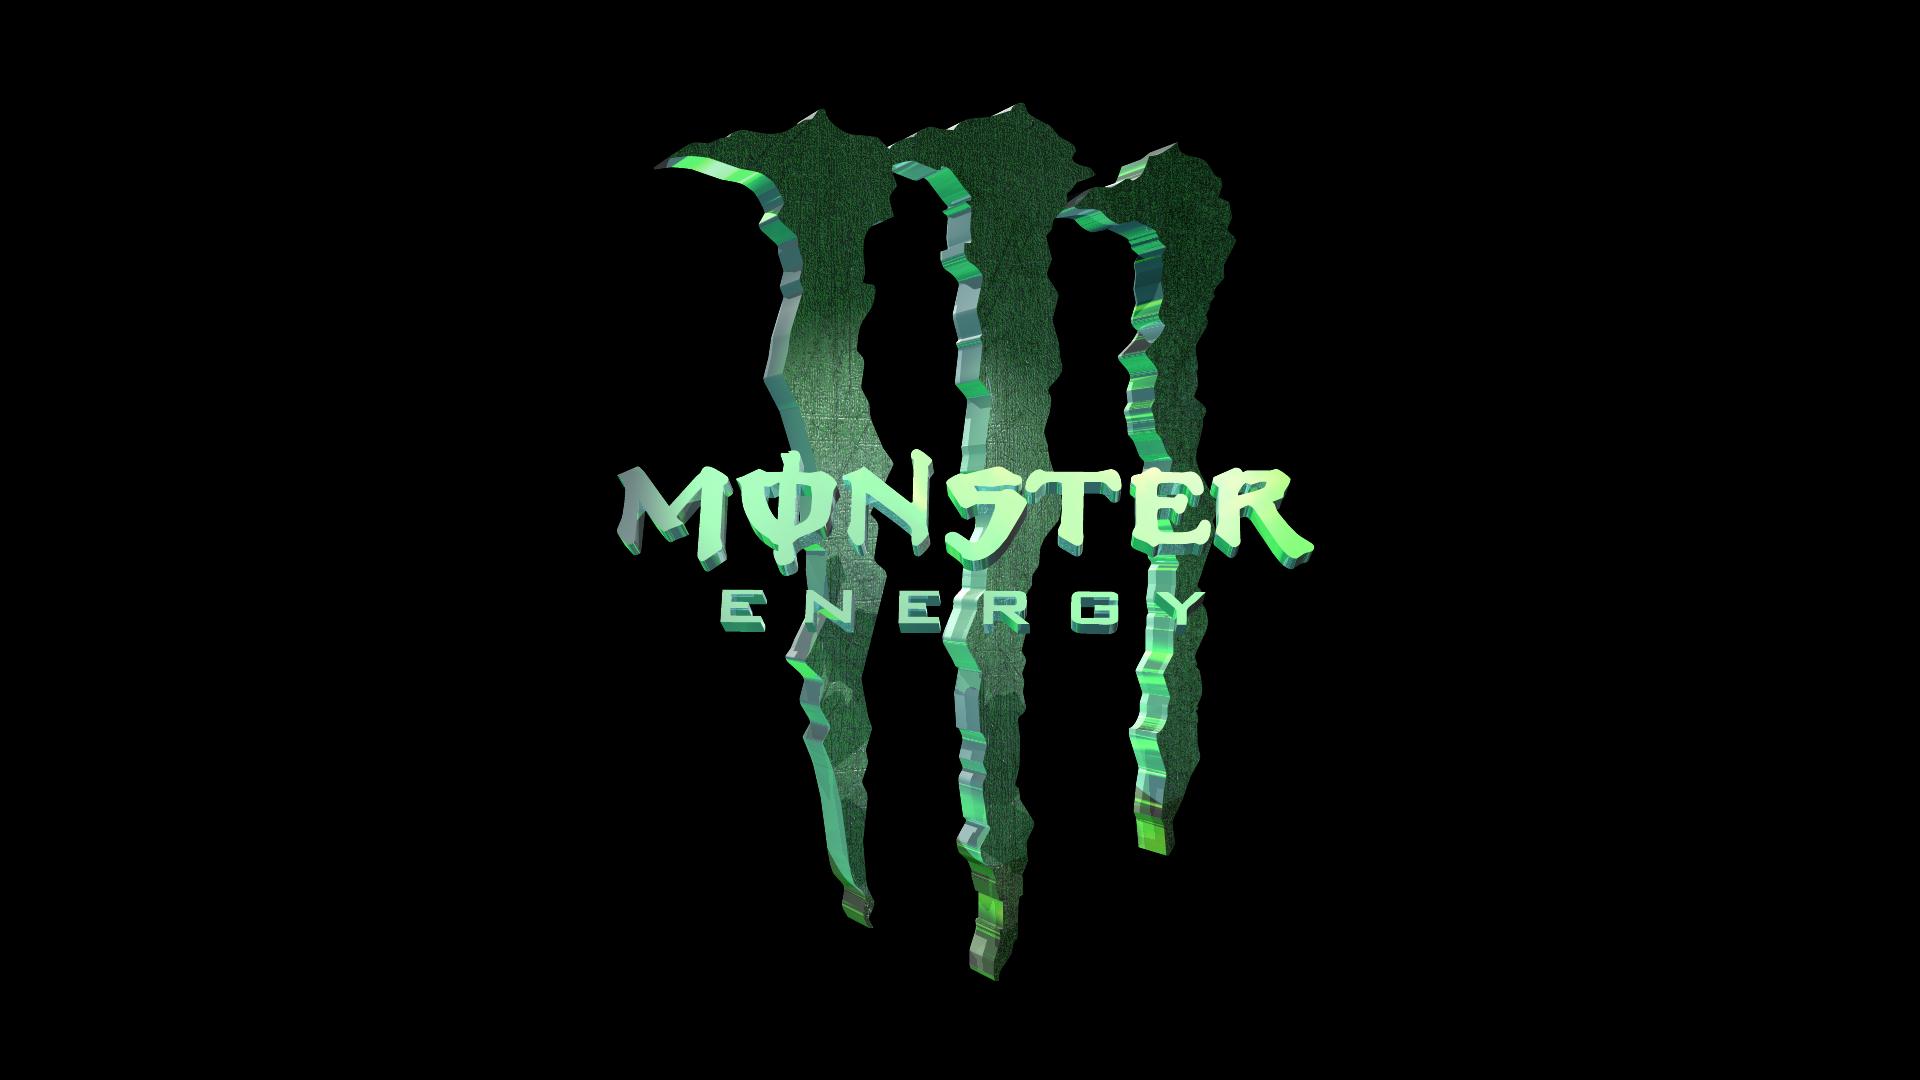 3D Monster Energy   MONSTER ENERGY DRINK Wallpaper 23885321 1920x1080